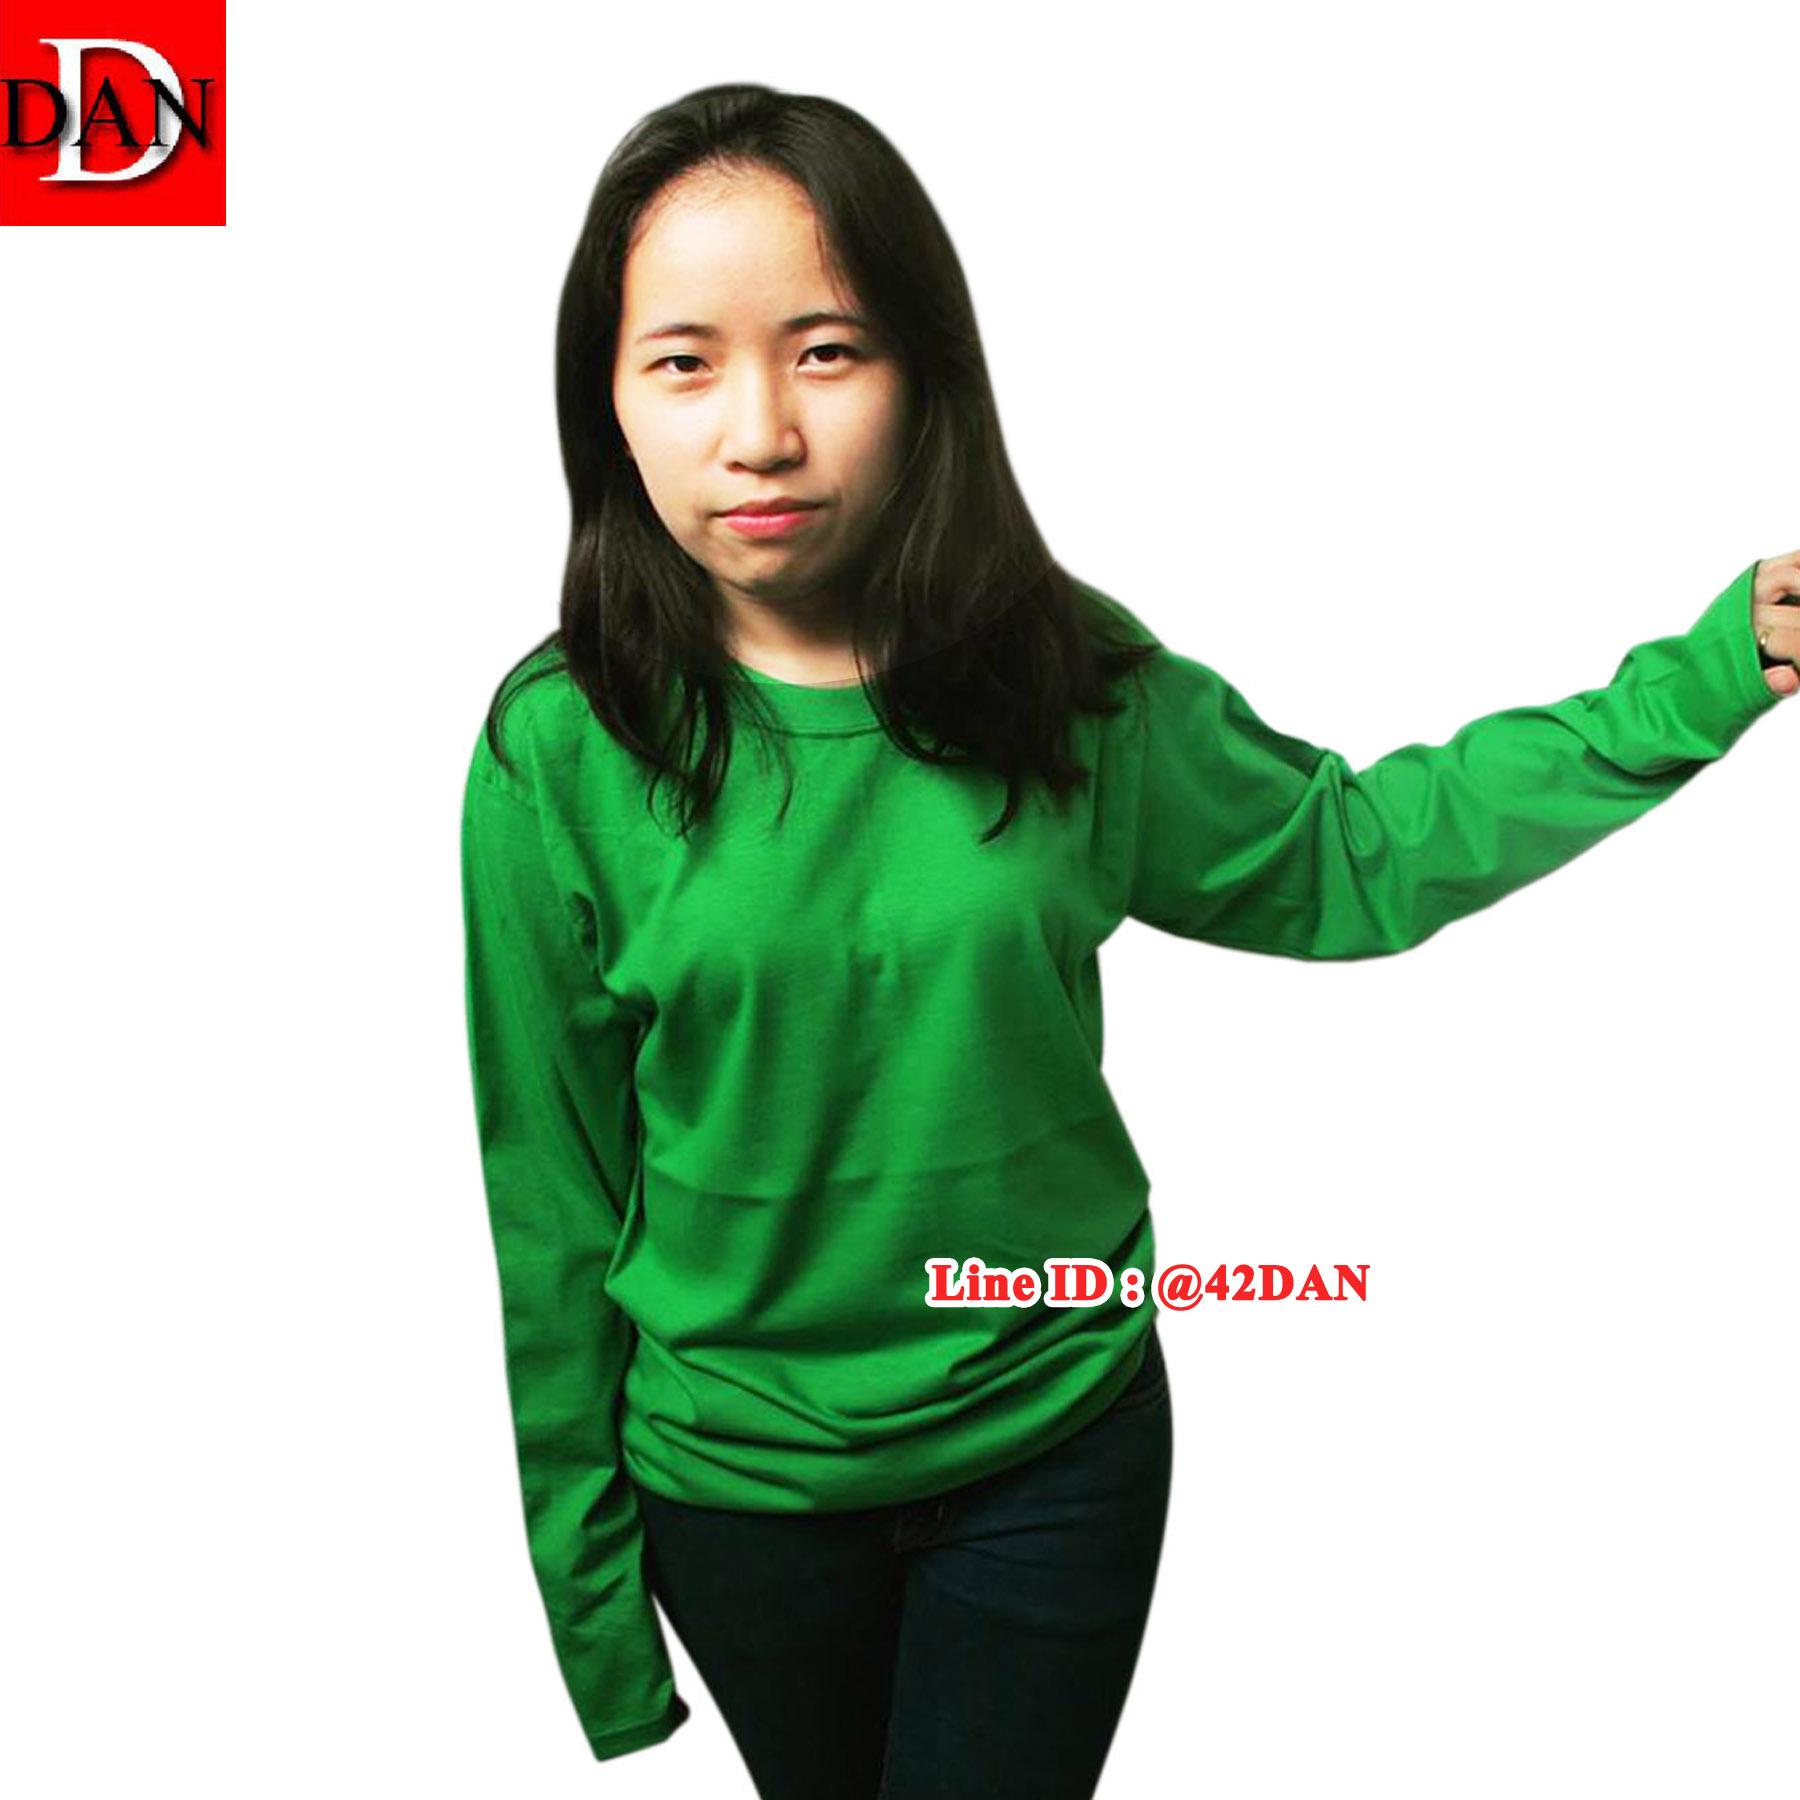 เสื้อแขนยาว คอลกม สีเขียวไมโล